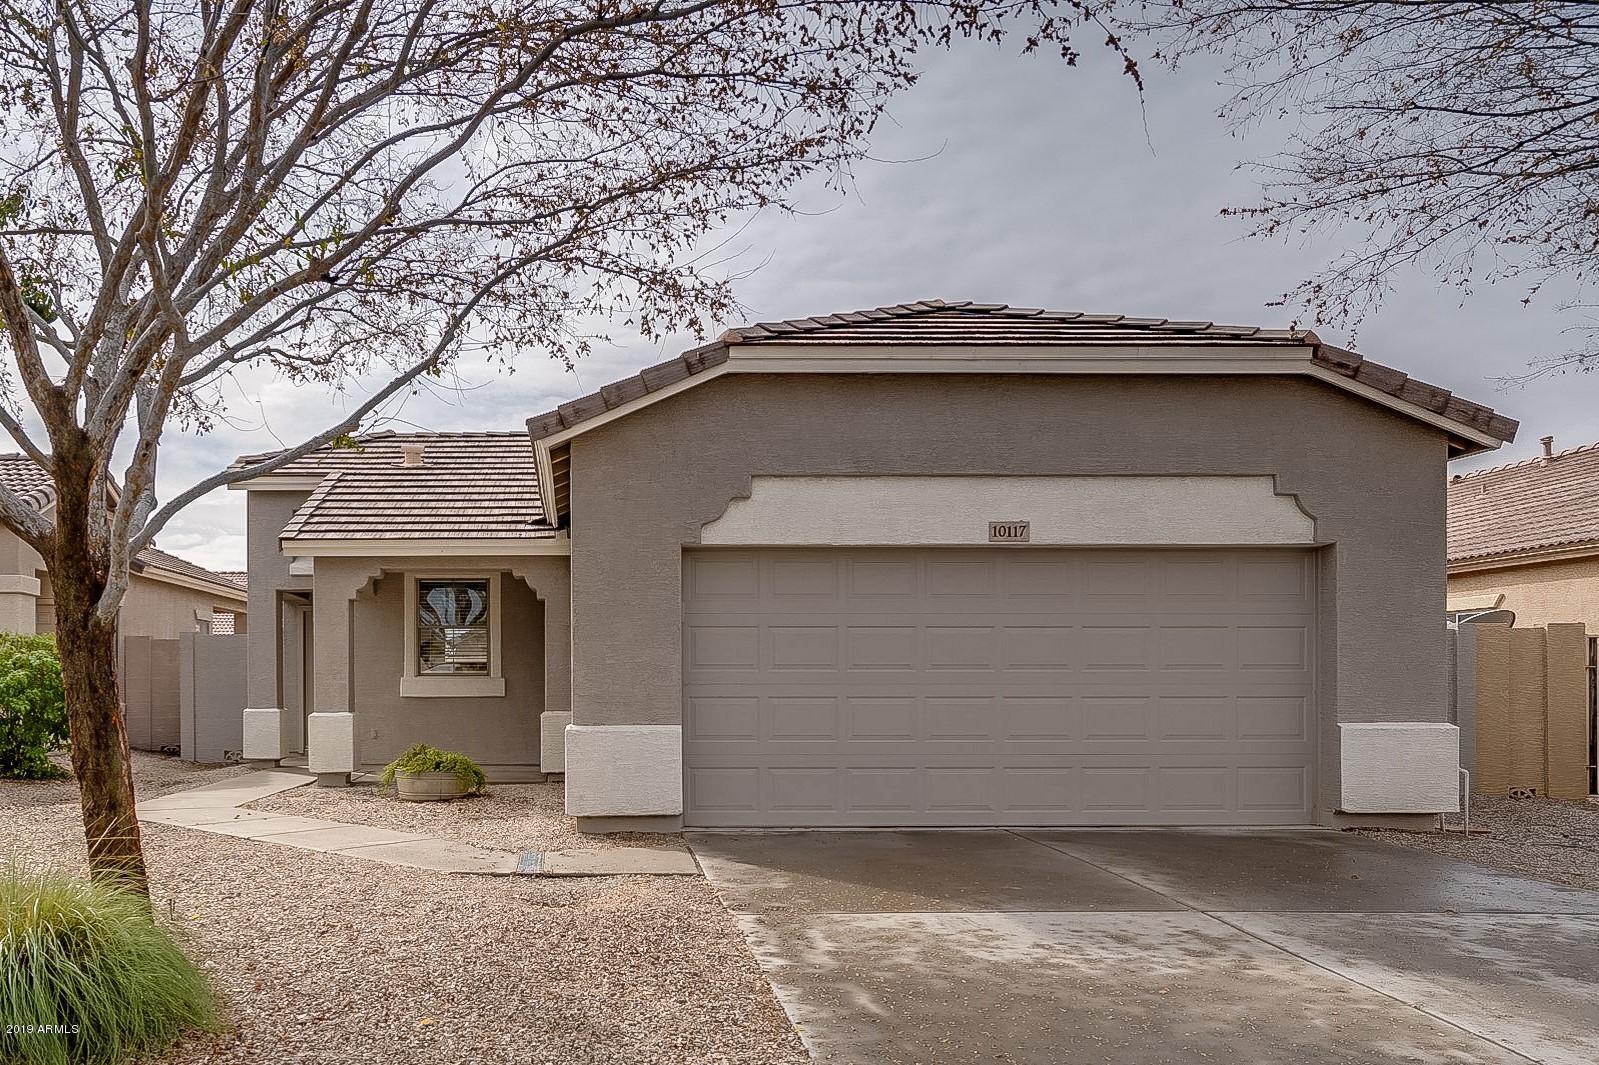 Photo of 10117 E KEATS Avenue, Mesa, AZ 85209